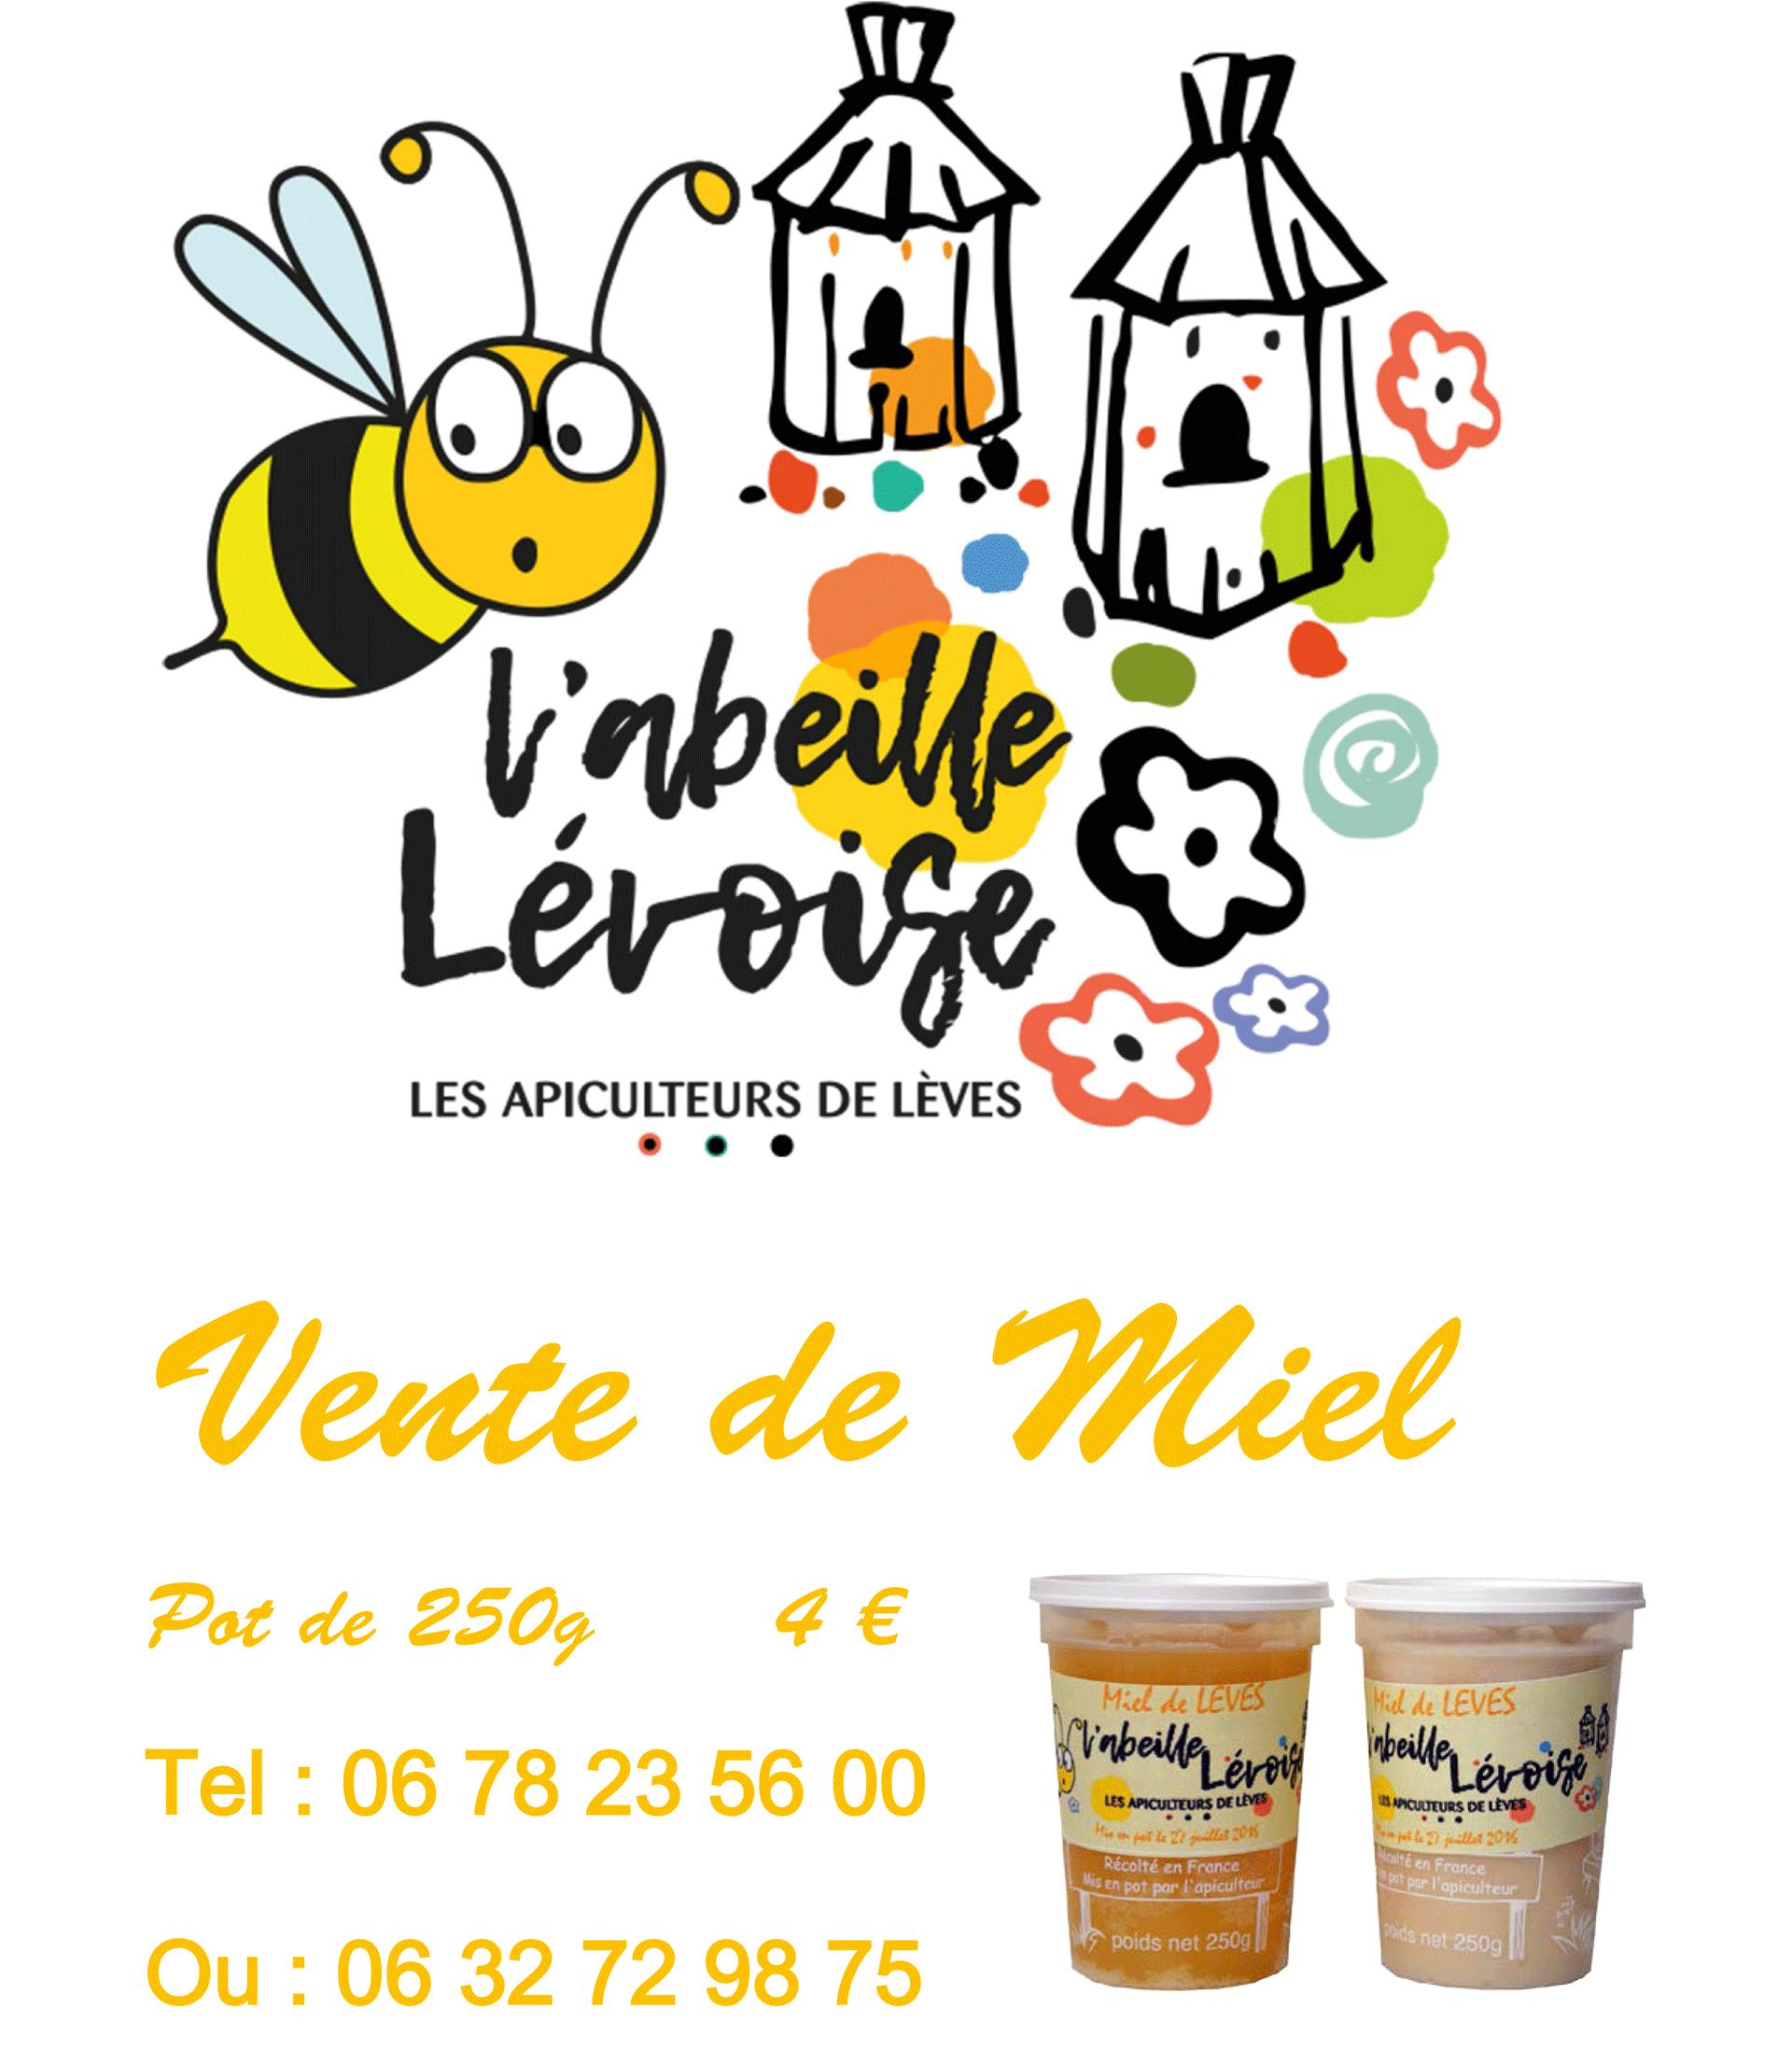 Vente-de-Miel